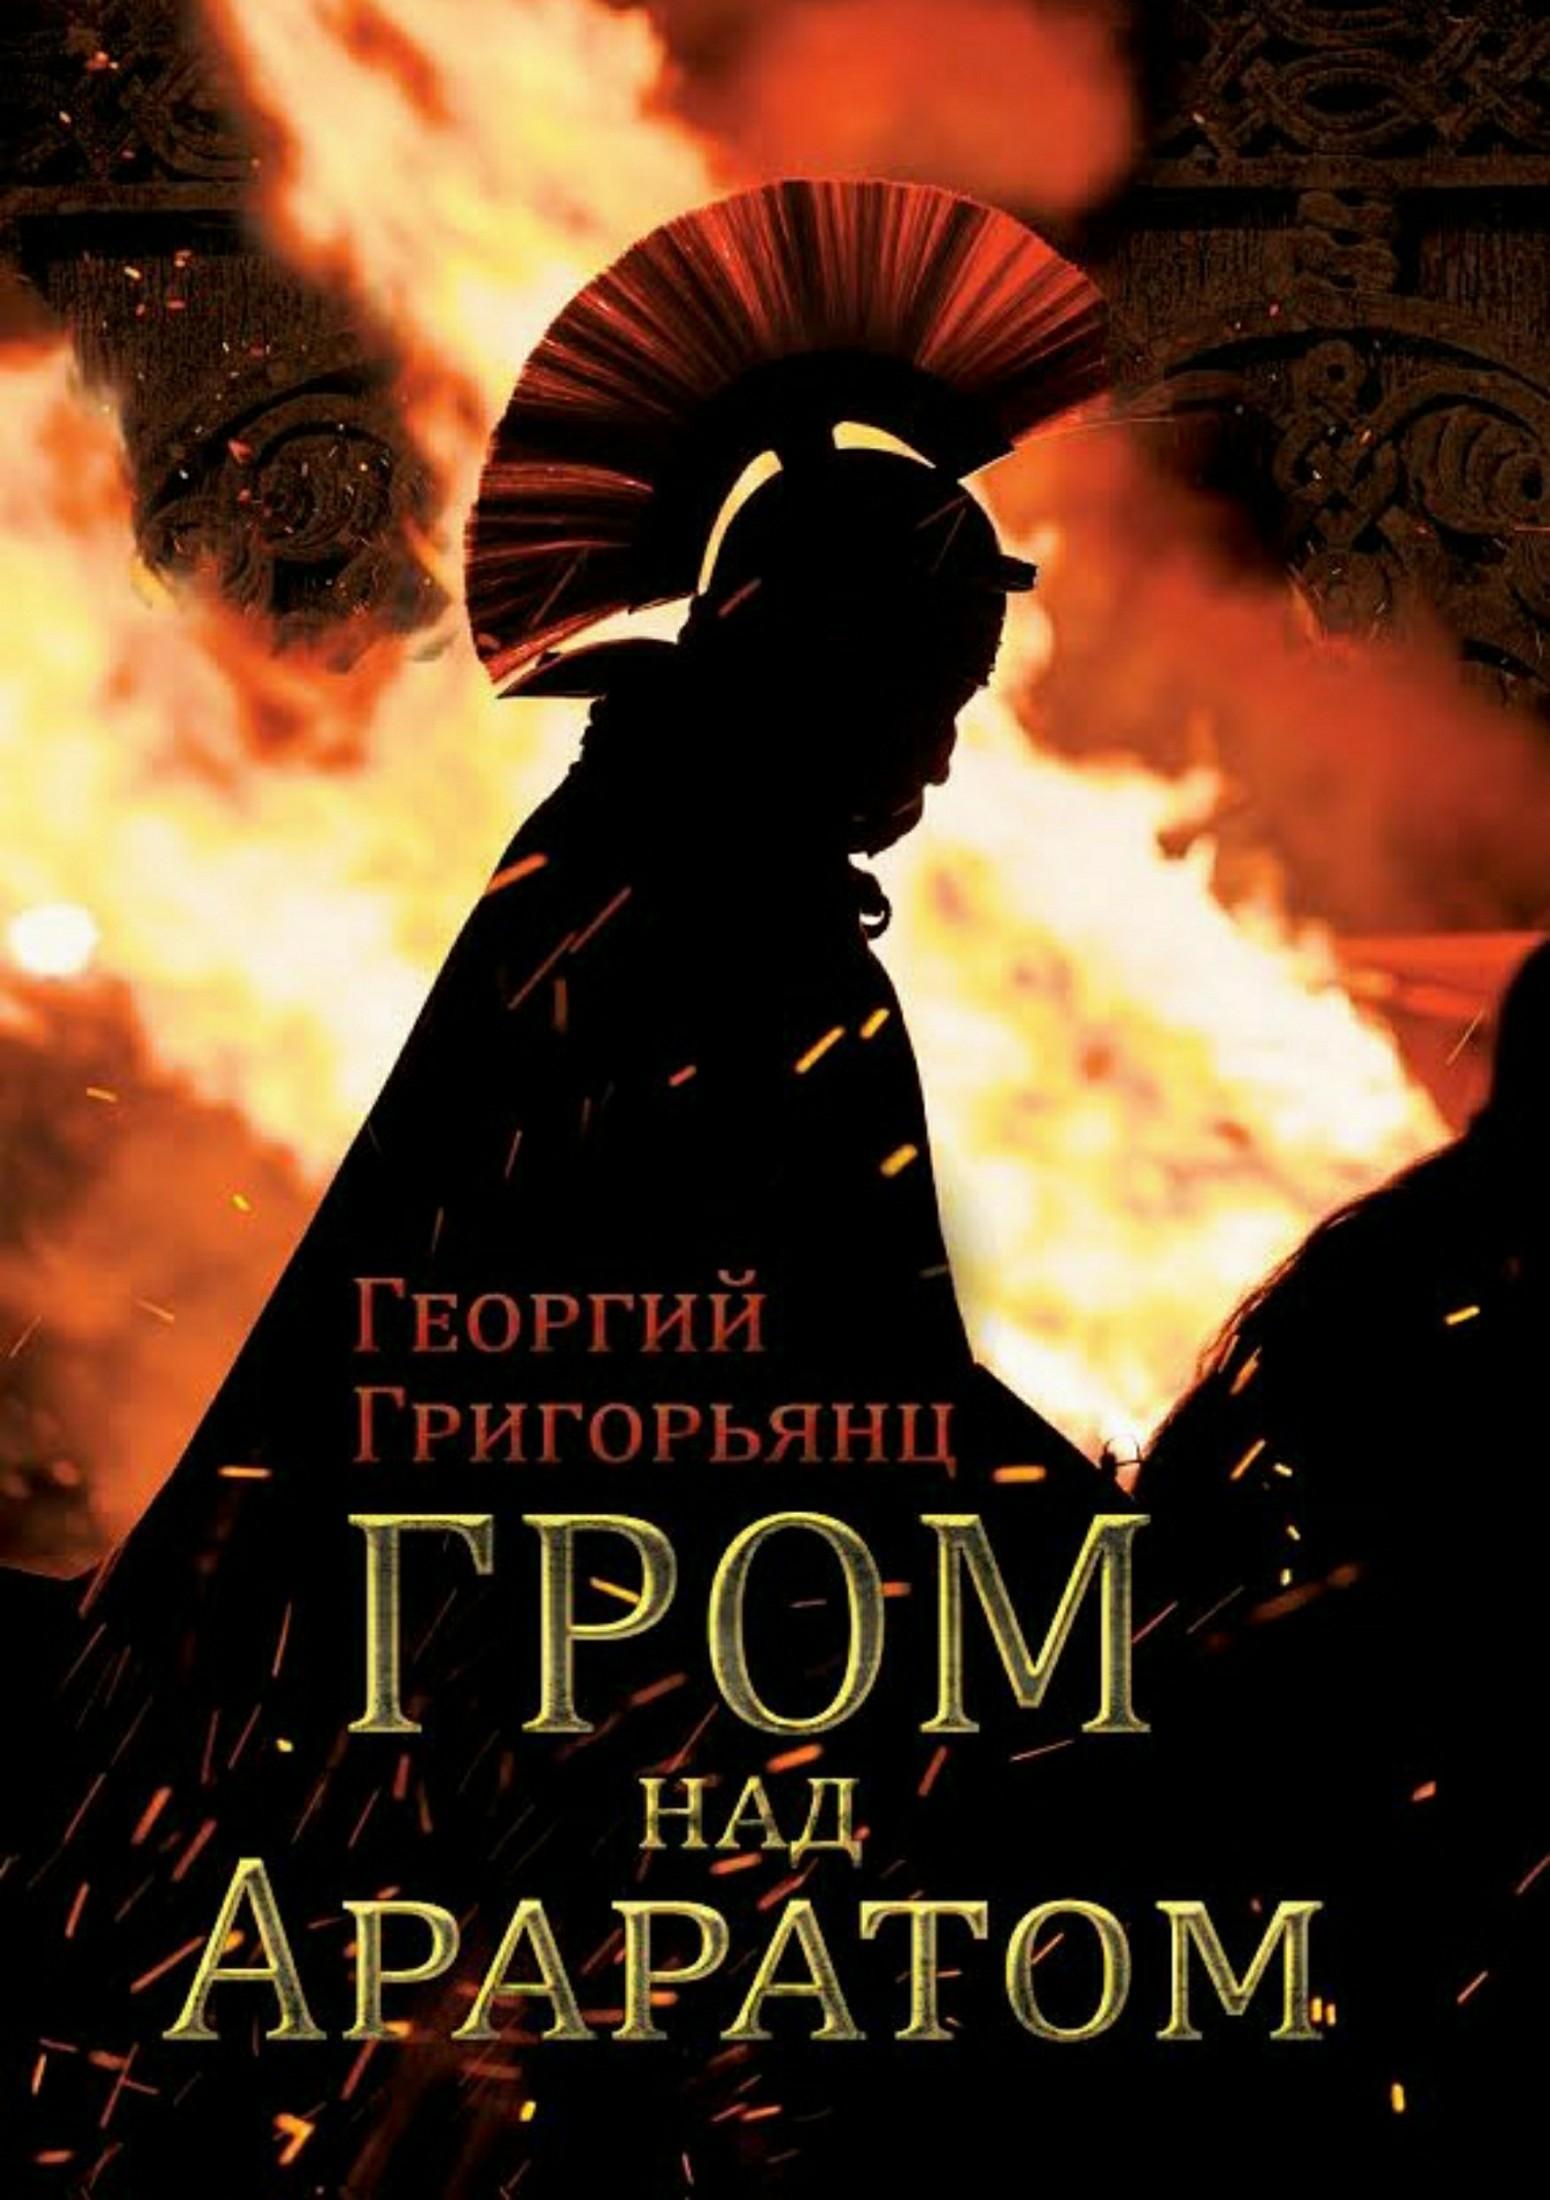 Георгий Григорьянц. Гром над Араратом